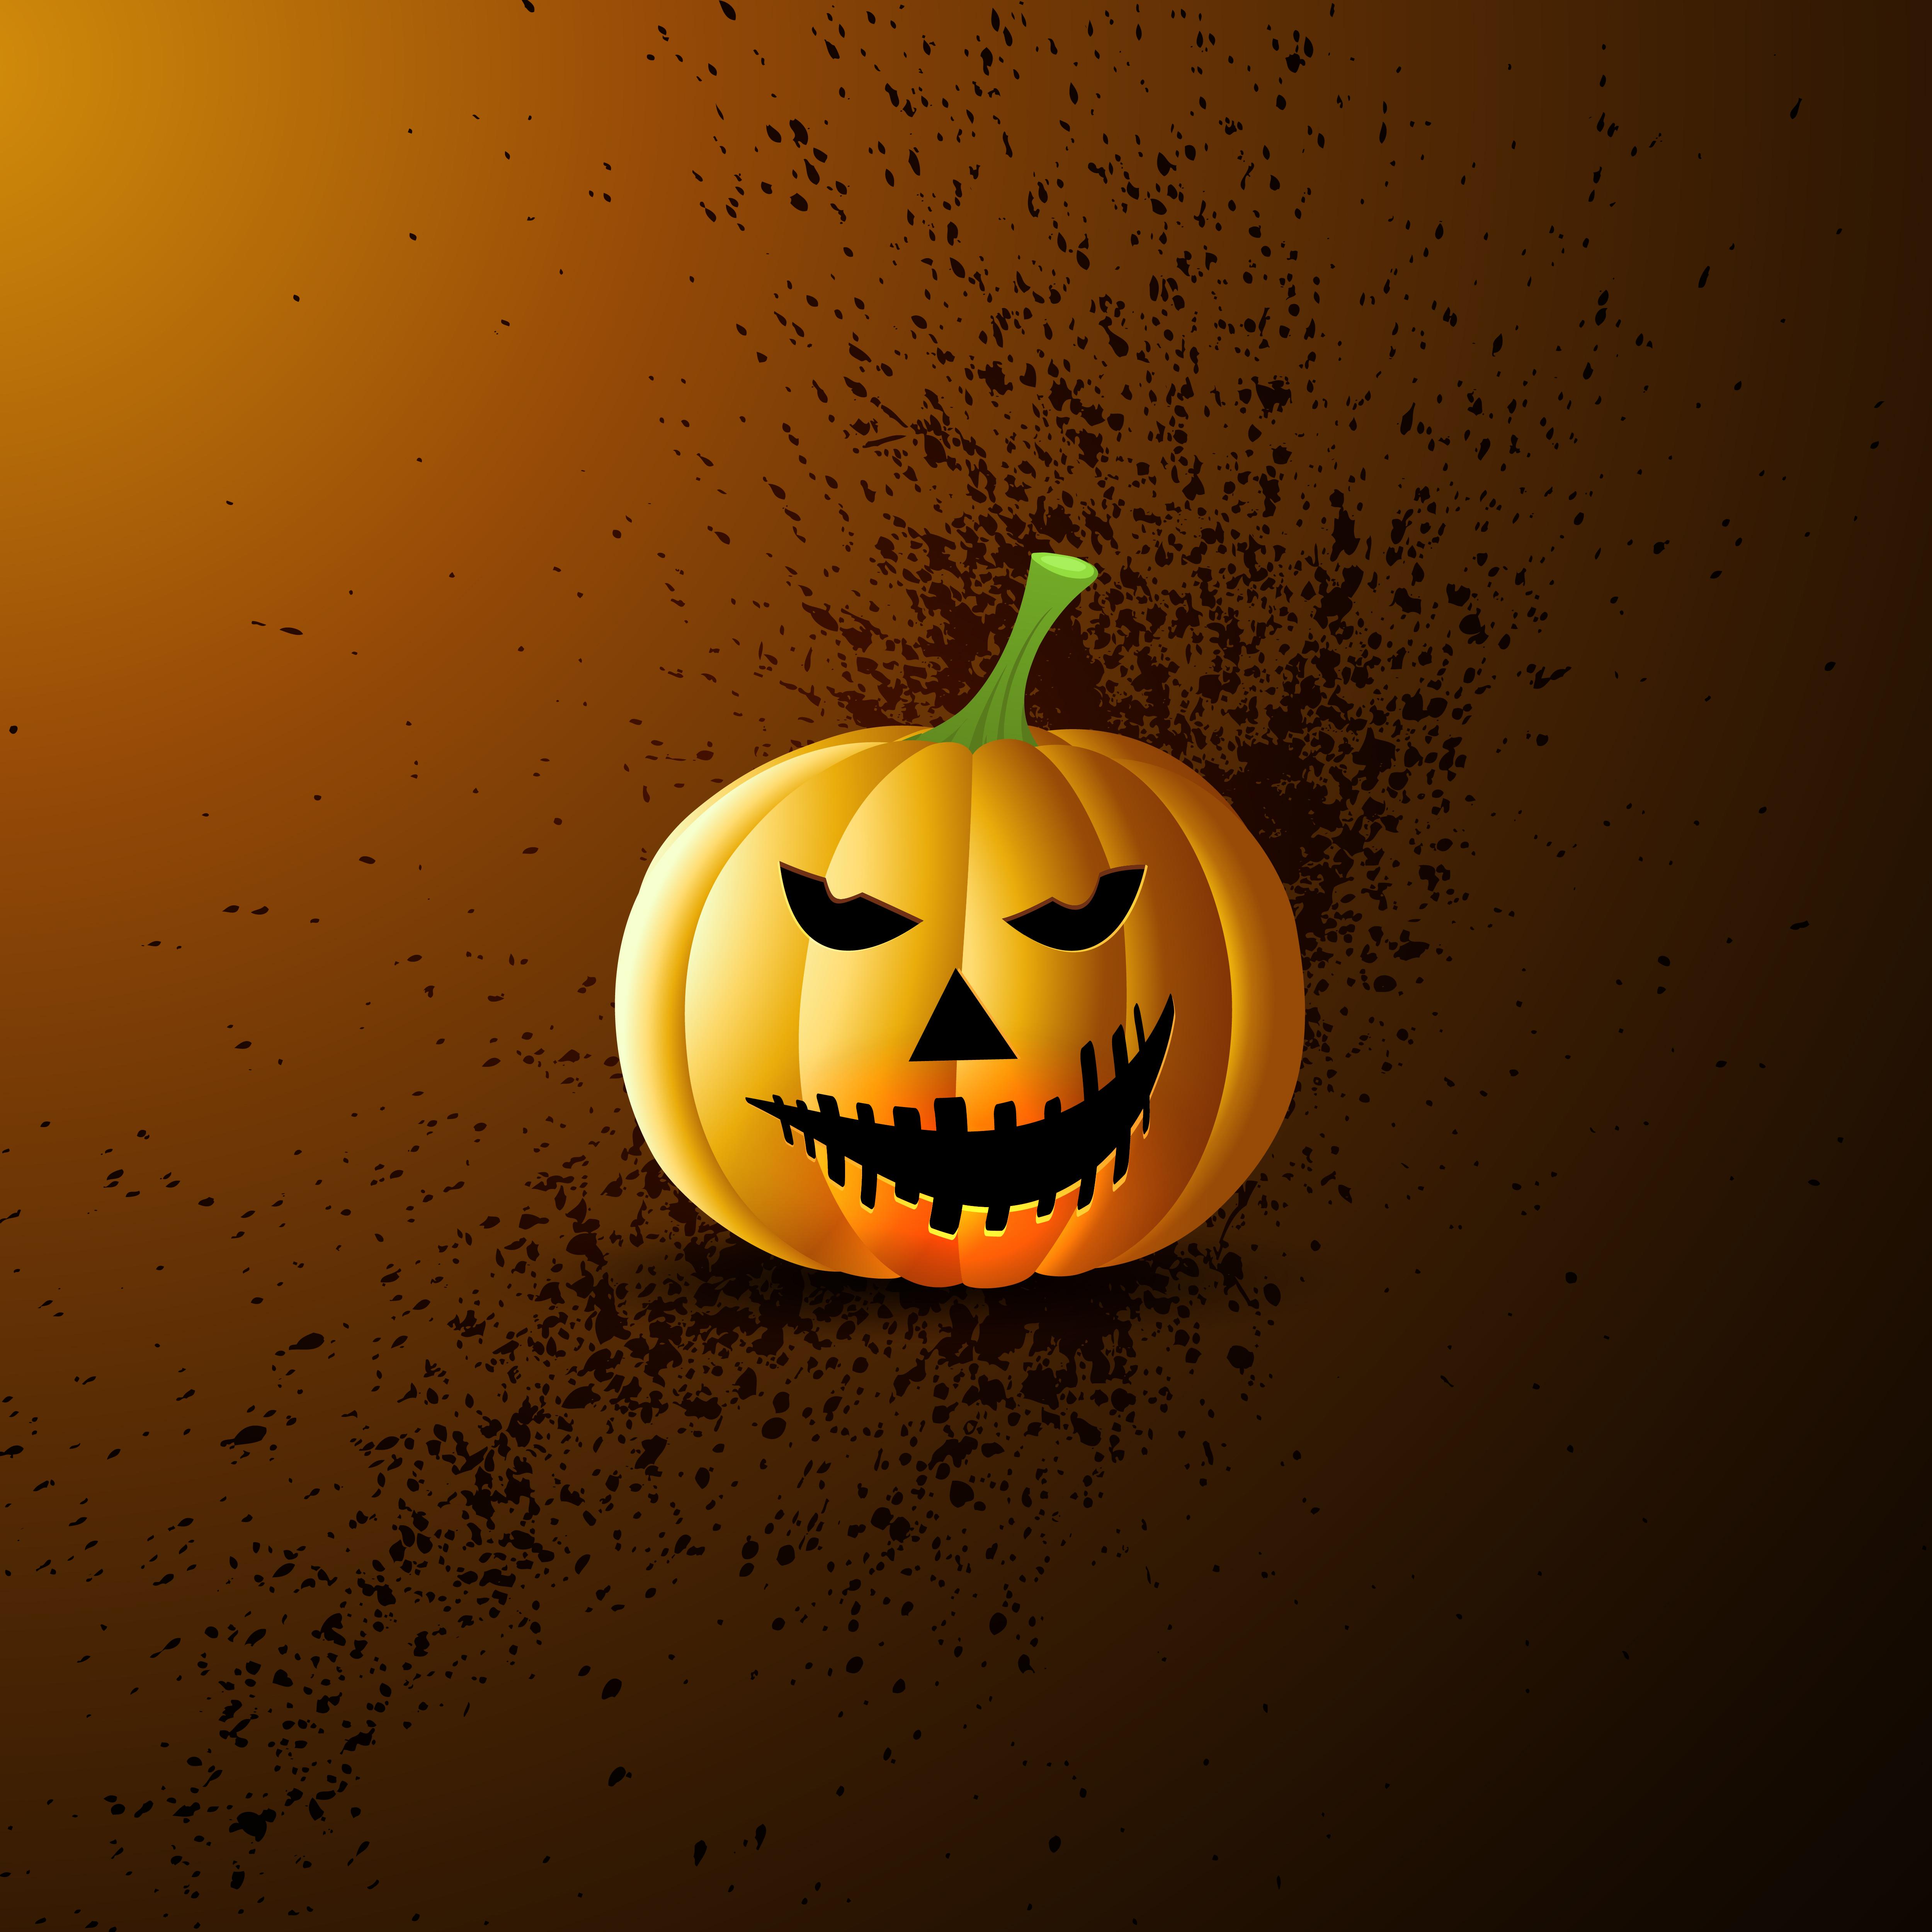 Grunge Halloween Pumpkin Background Download Free Vectors Clipart Graphics Vector Art